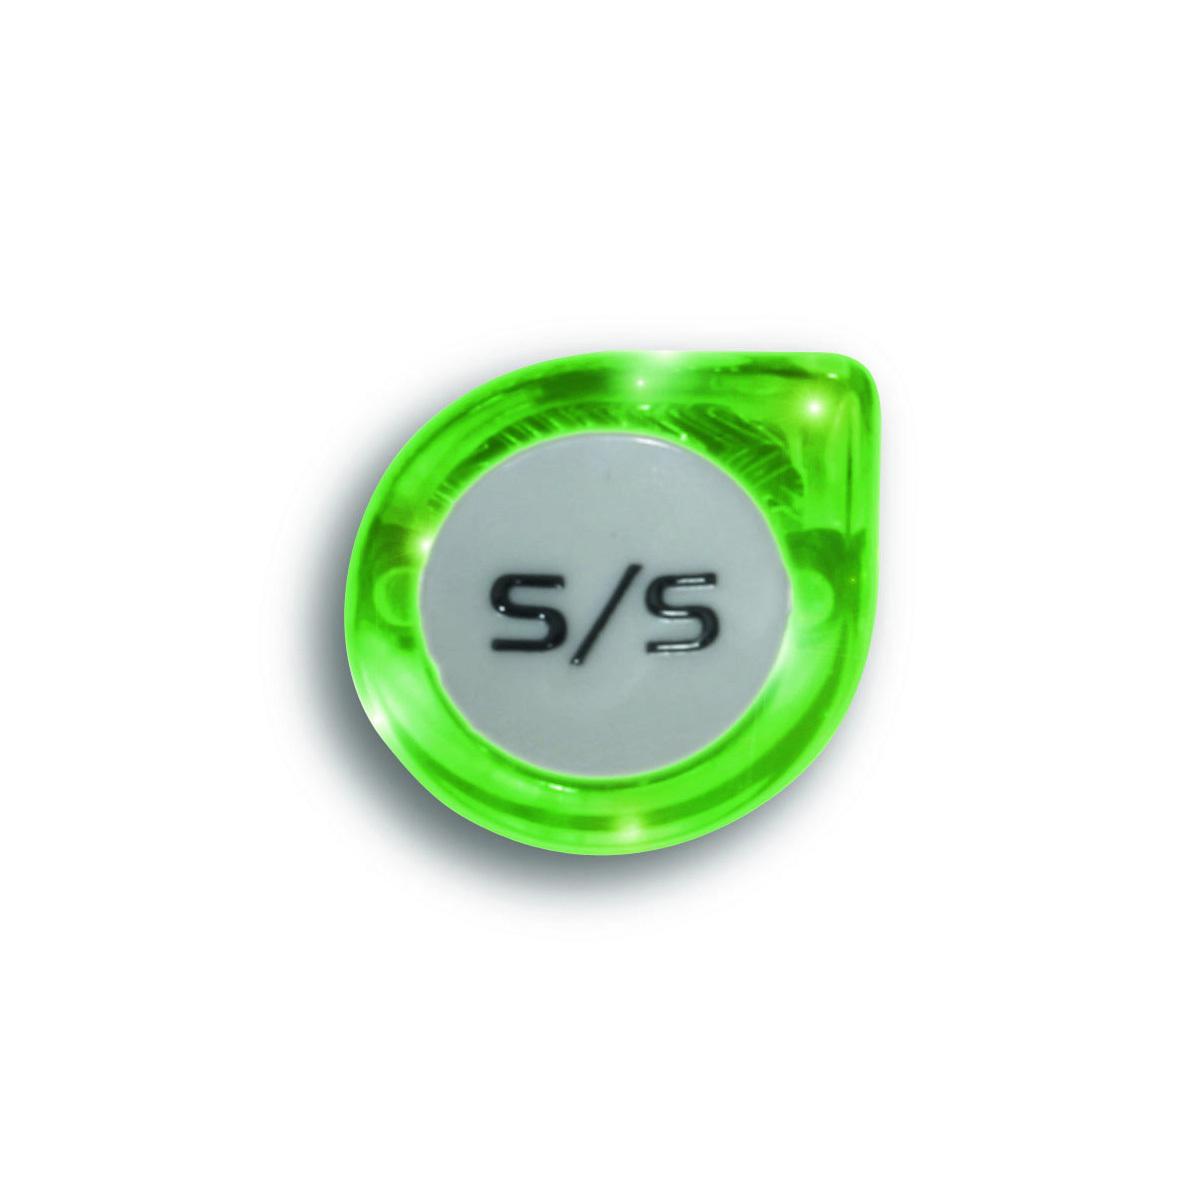 38-2024-digitaler-timer-stoppuhr-taste1-1200x1200px.jpg